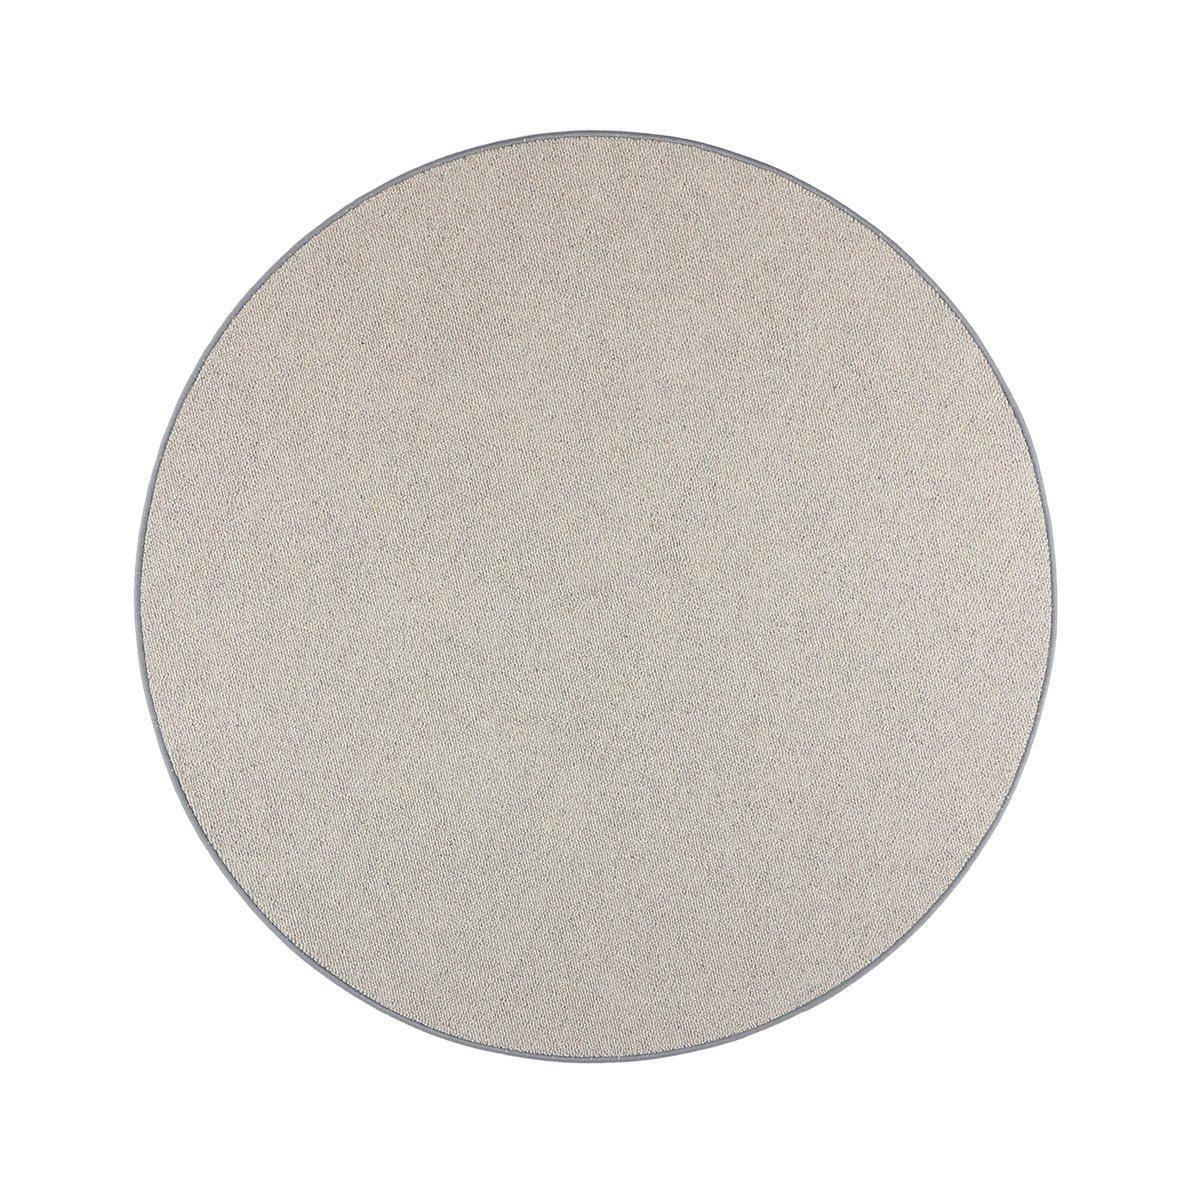 Havatex Schurwolle Teppich Shepherd rund - Farbe wählbar   100% strapazierfähige Naturfaser Wolle   für Wohnzimmer Schlafzimmer Esszimmer Büros, Farbe Grau, Größe 200 cm rund